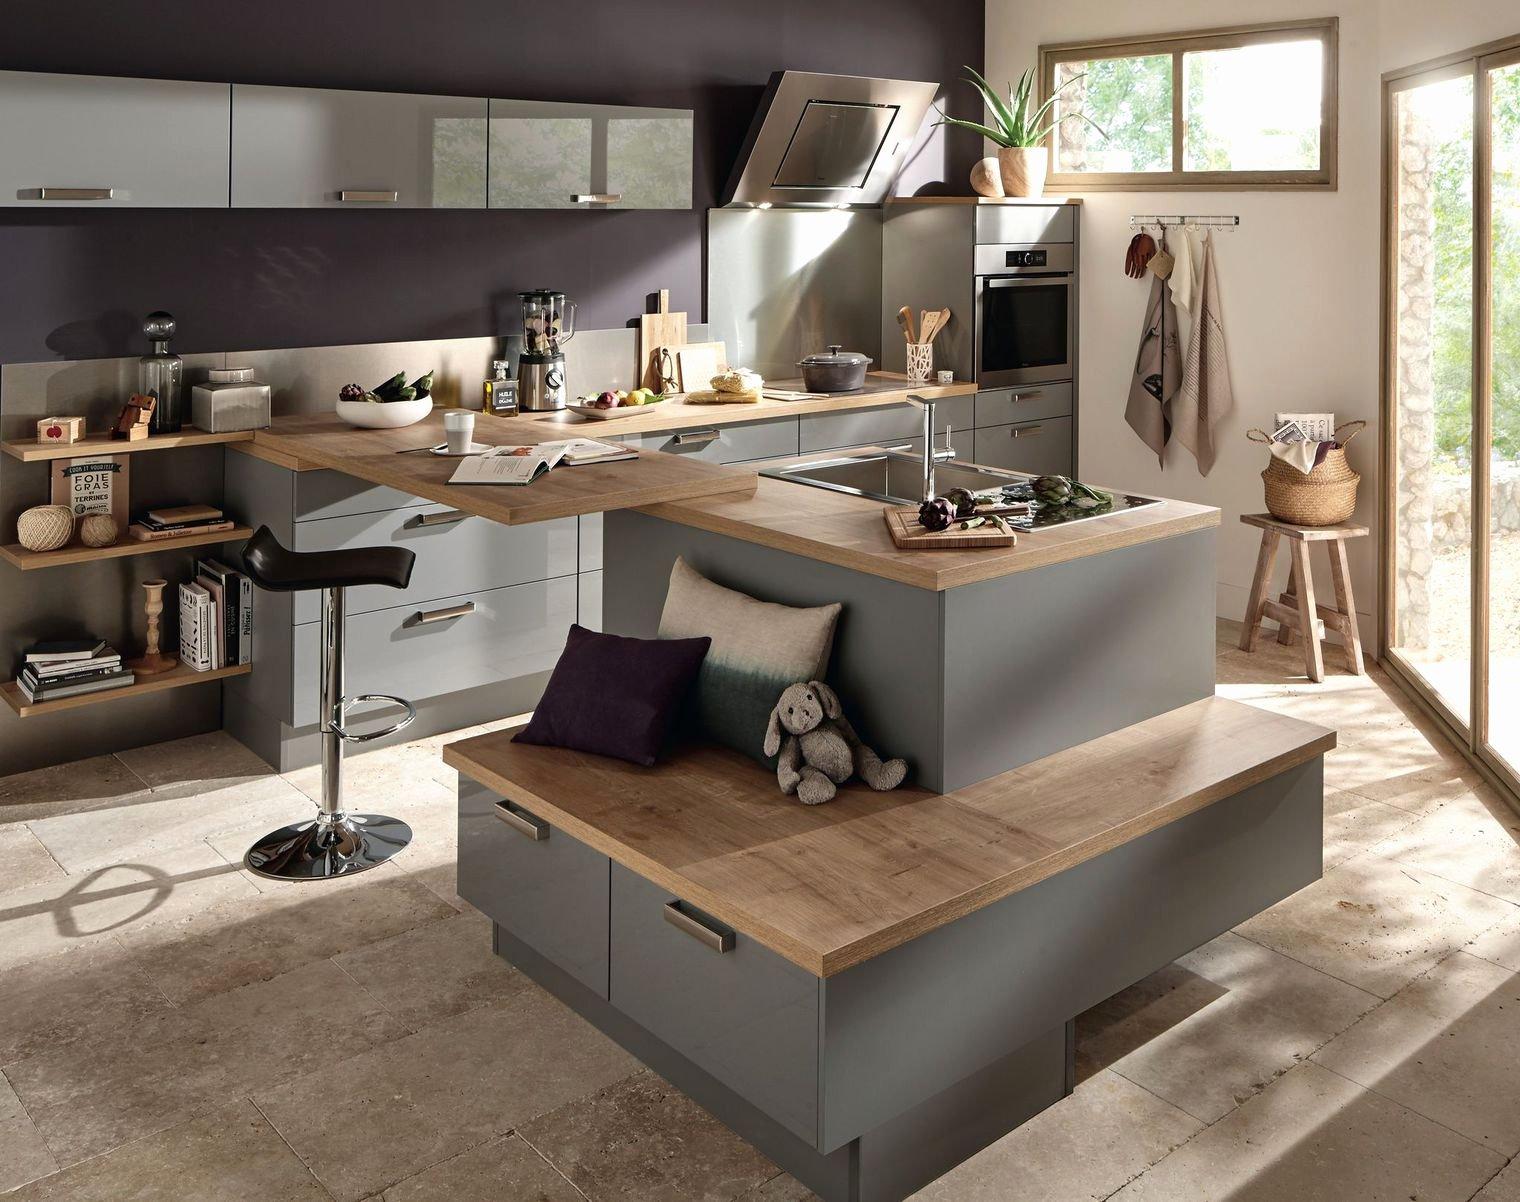 Ikea Cuisine Ilot Frais Photographie Cuisine Avec Ilot Ikea Cher Cuisine Moderne Avec Ilot Fabuleux